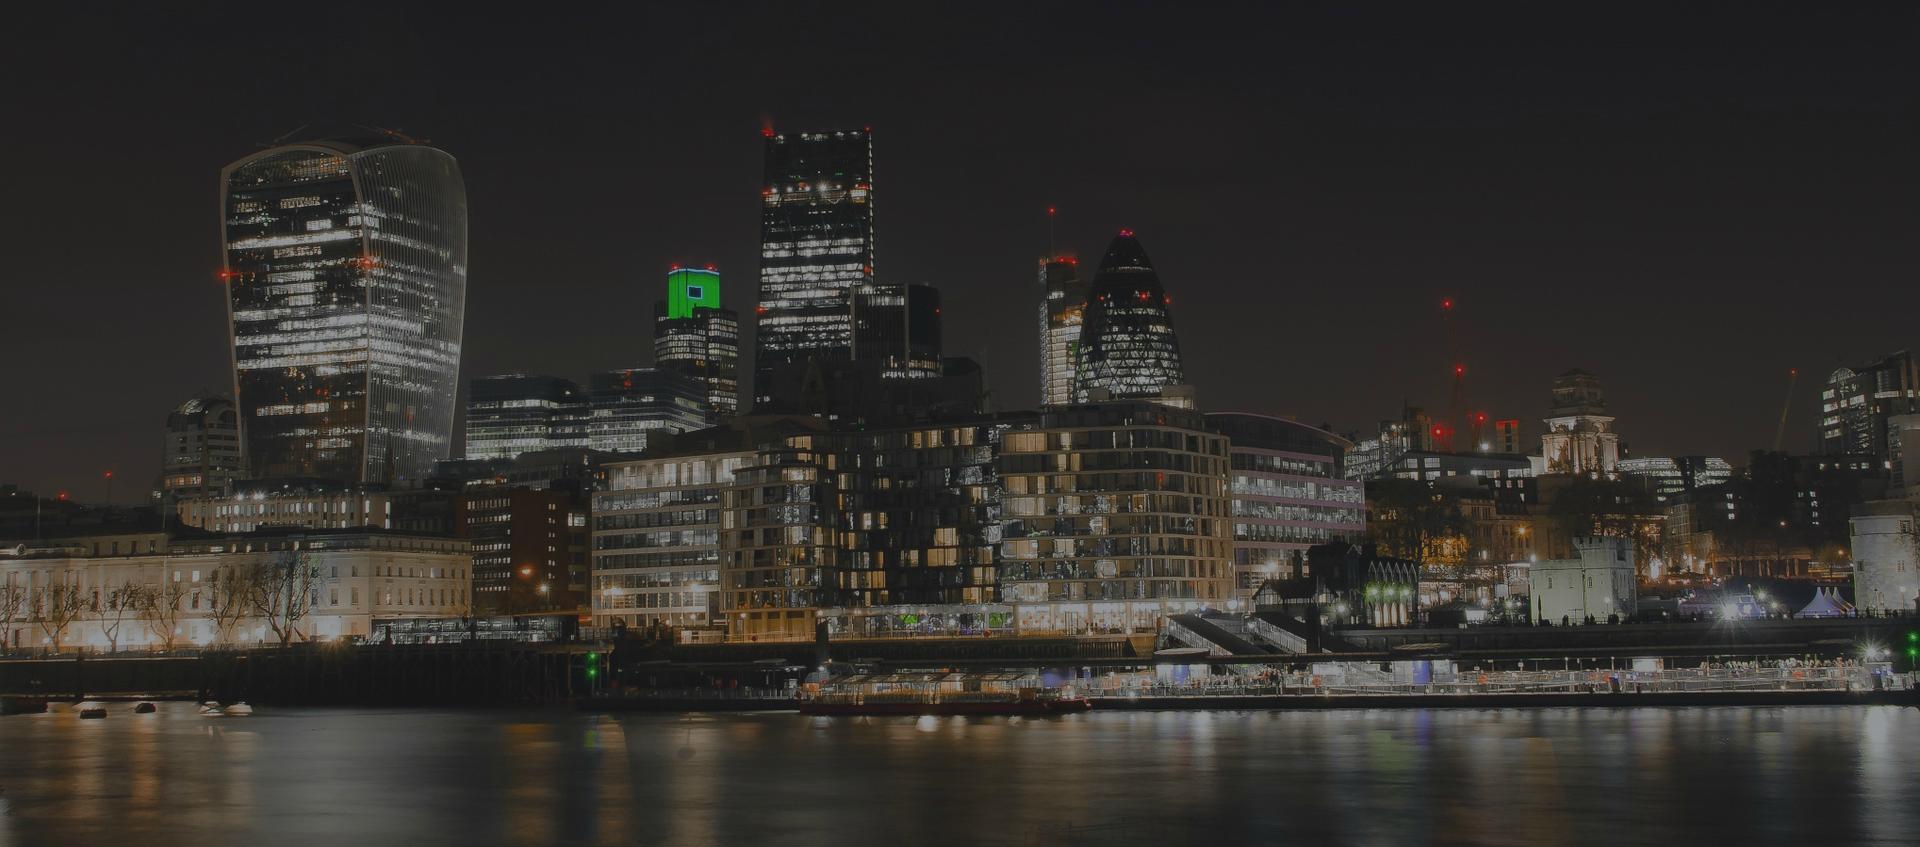 resized-london